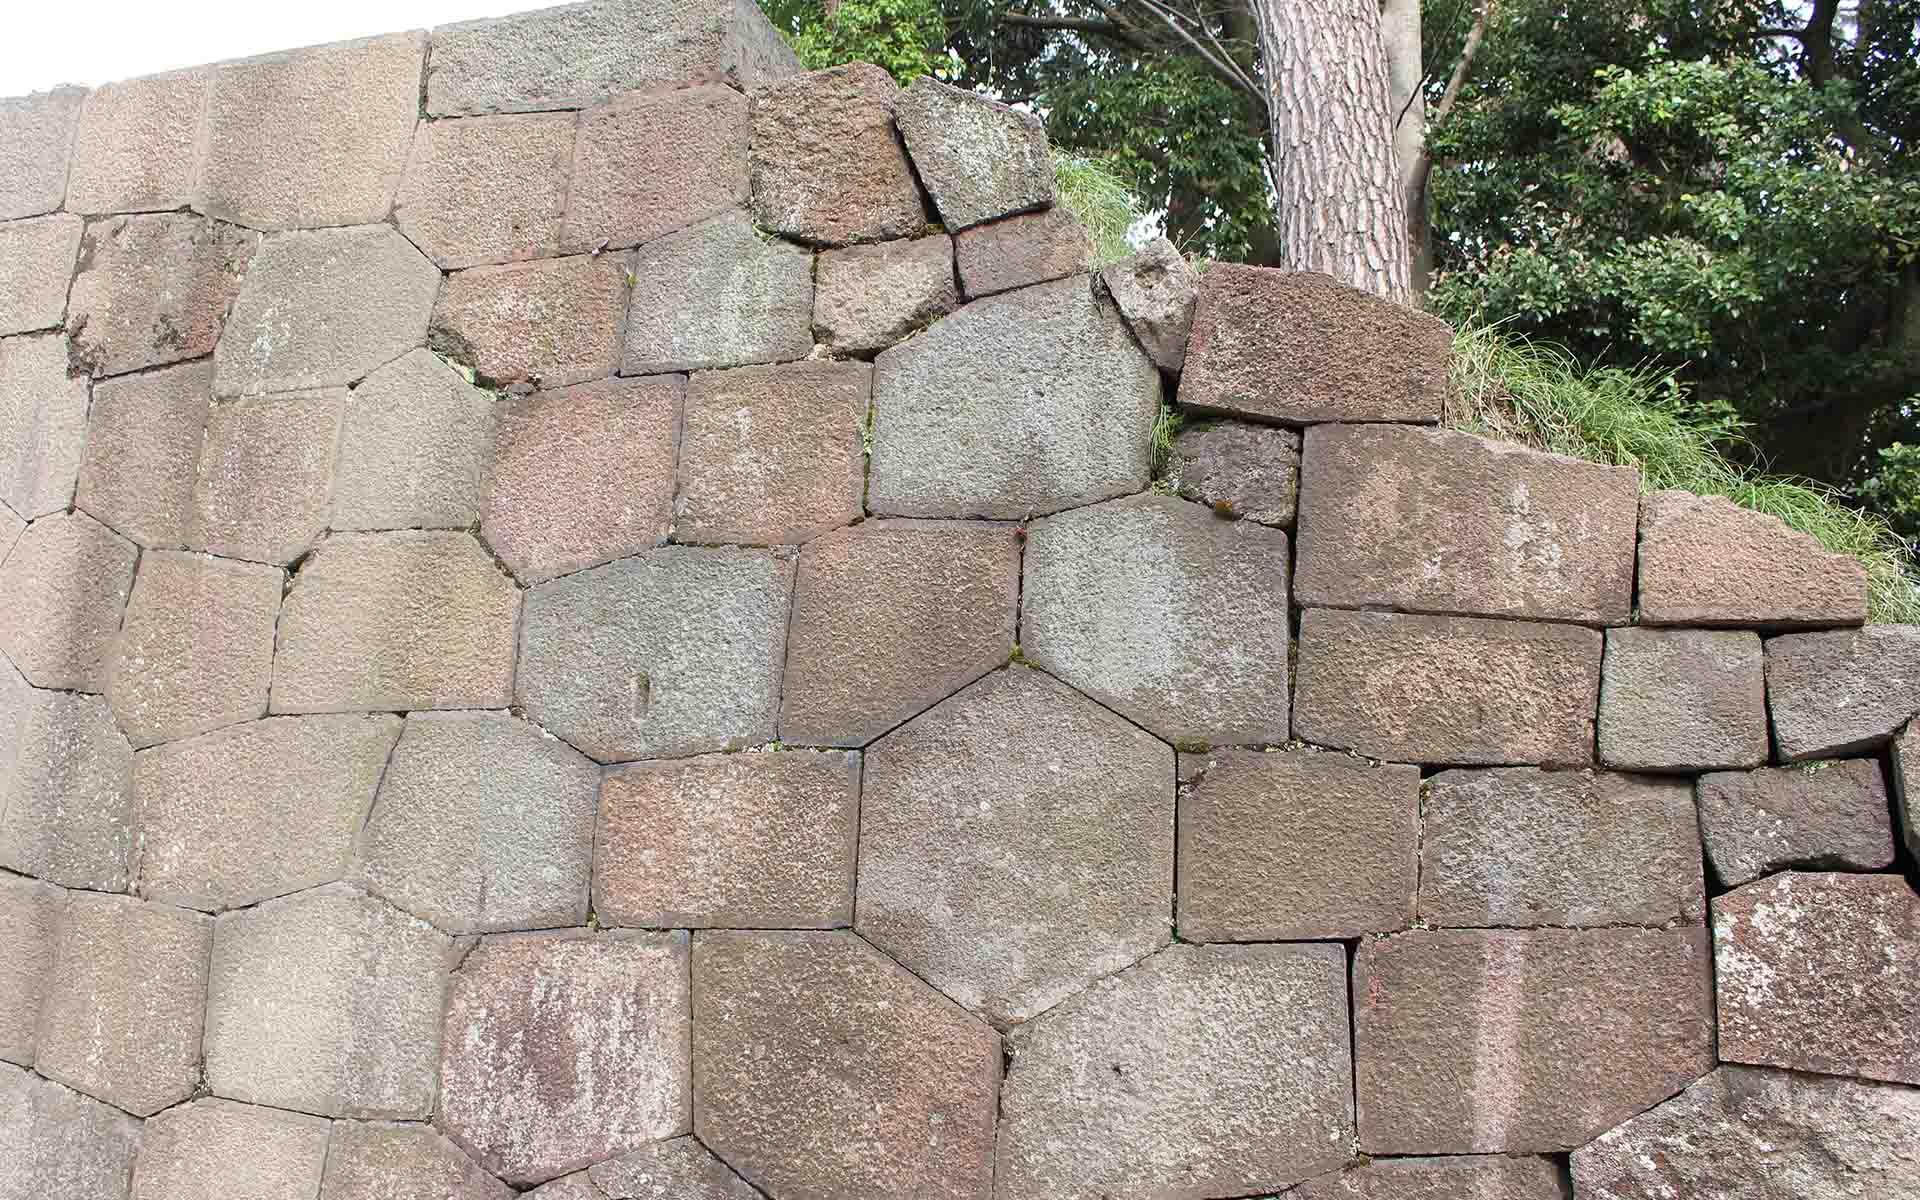 彦三郎さんが手がけた石垣。大火から建物を守った亀甲石(六角形の石)を入組み込むなど、陰陽五行思想の影響もみられる。玉泉院丸庭園の「色紙短冊積石垣」も彦三郎さんが命名